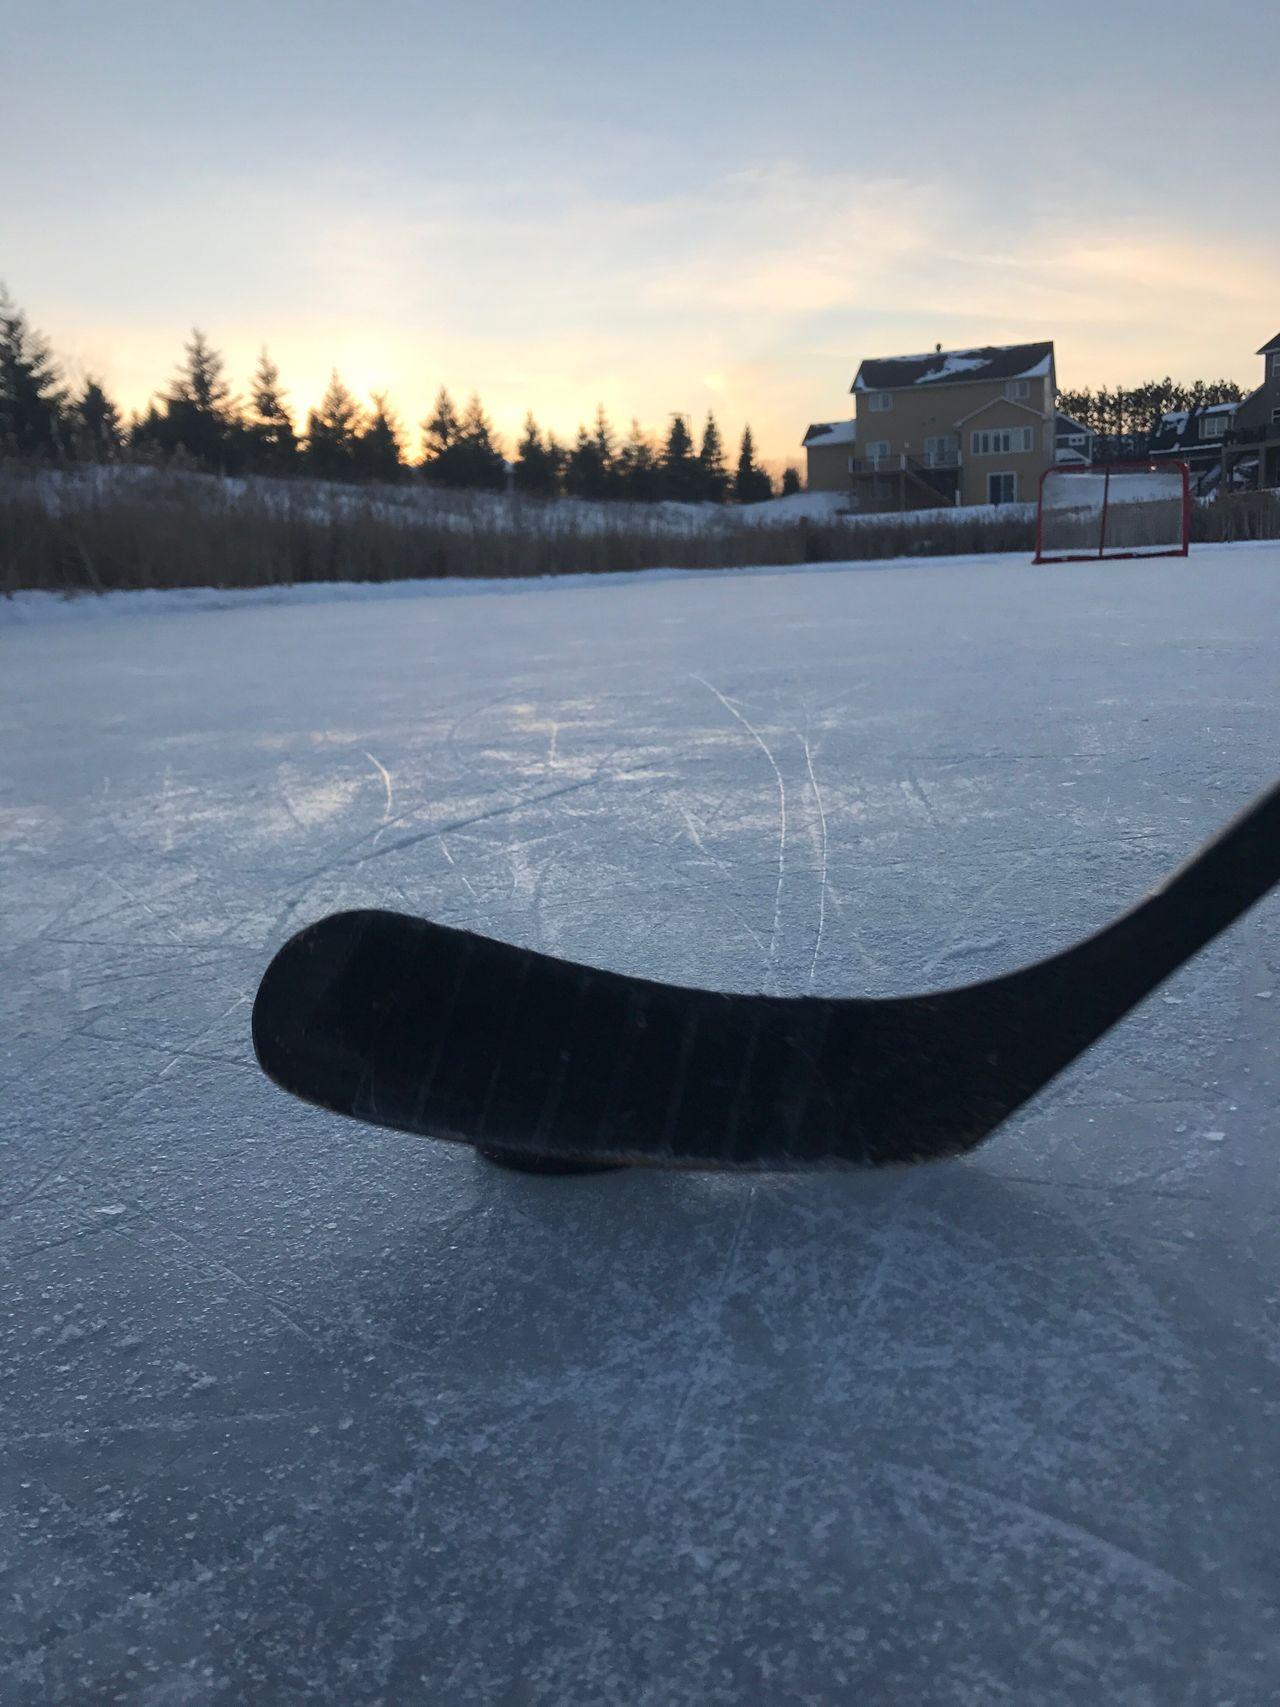 EyeEmNewHere Pondhockey